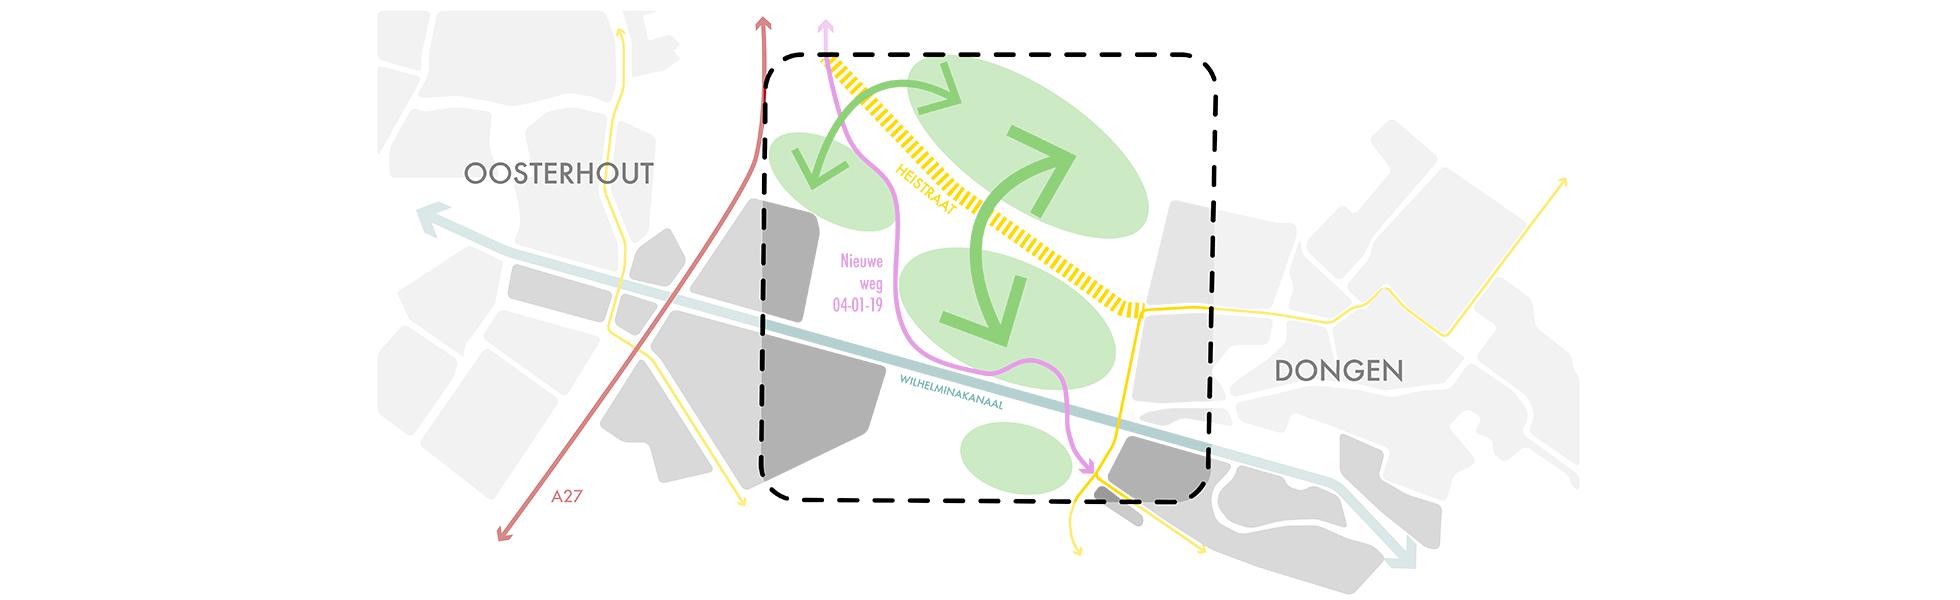 Dromenlab Dongen Oosterhout